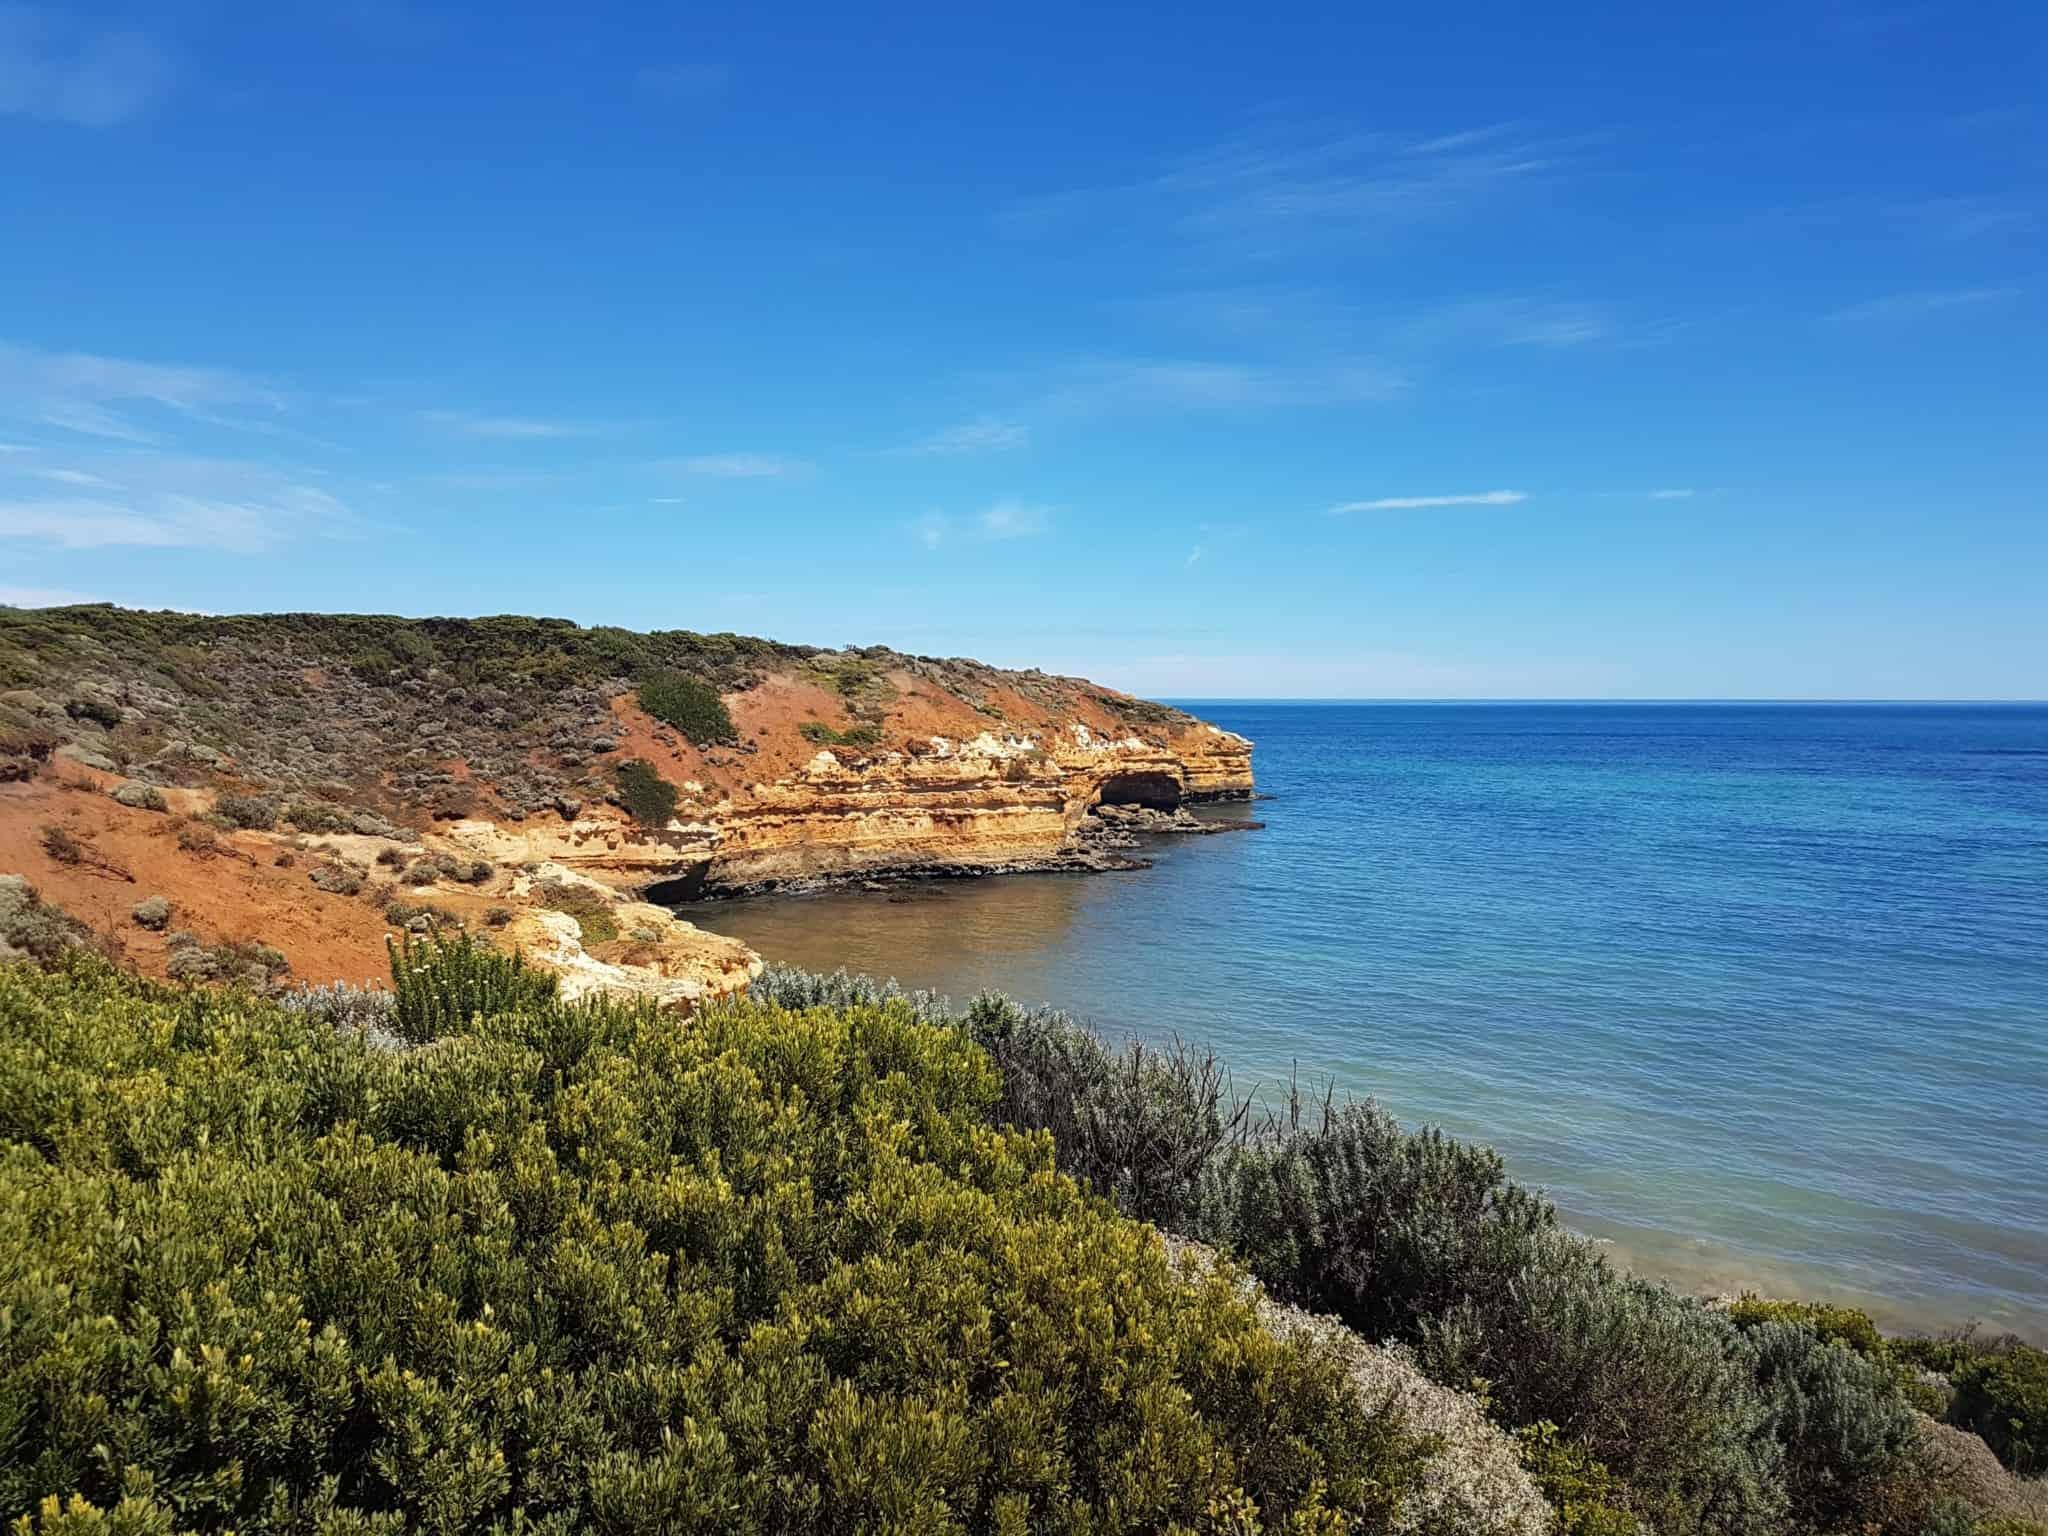 Australie, la Great Ocean Road une route aux milles visages 😍 10